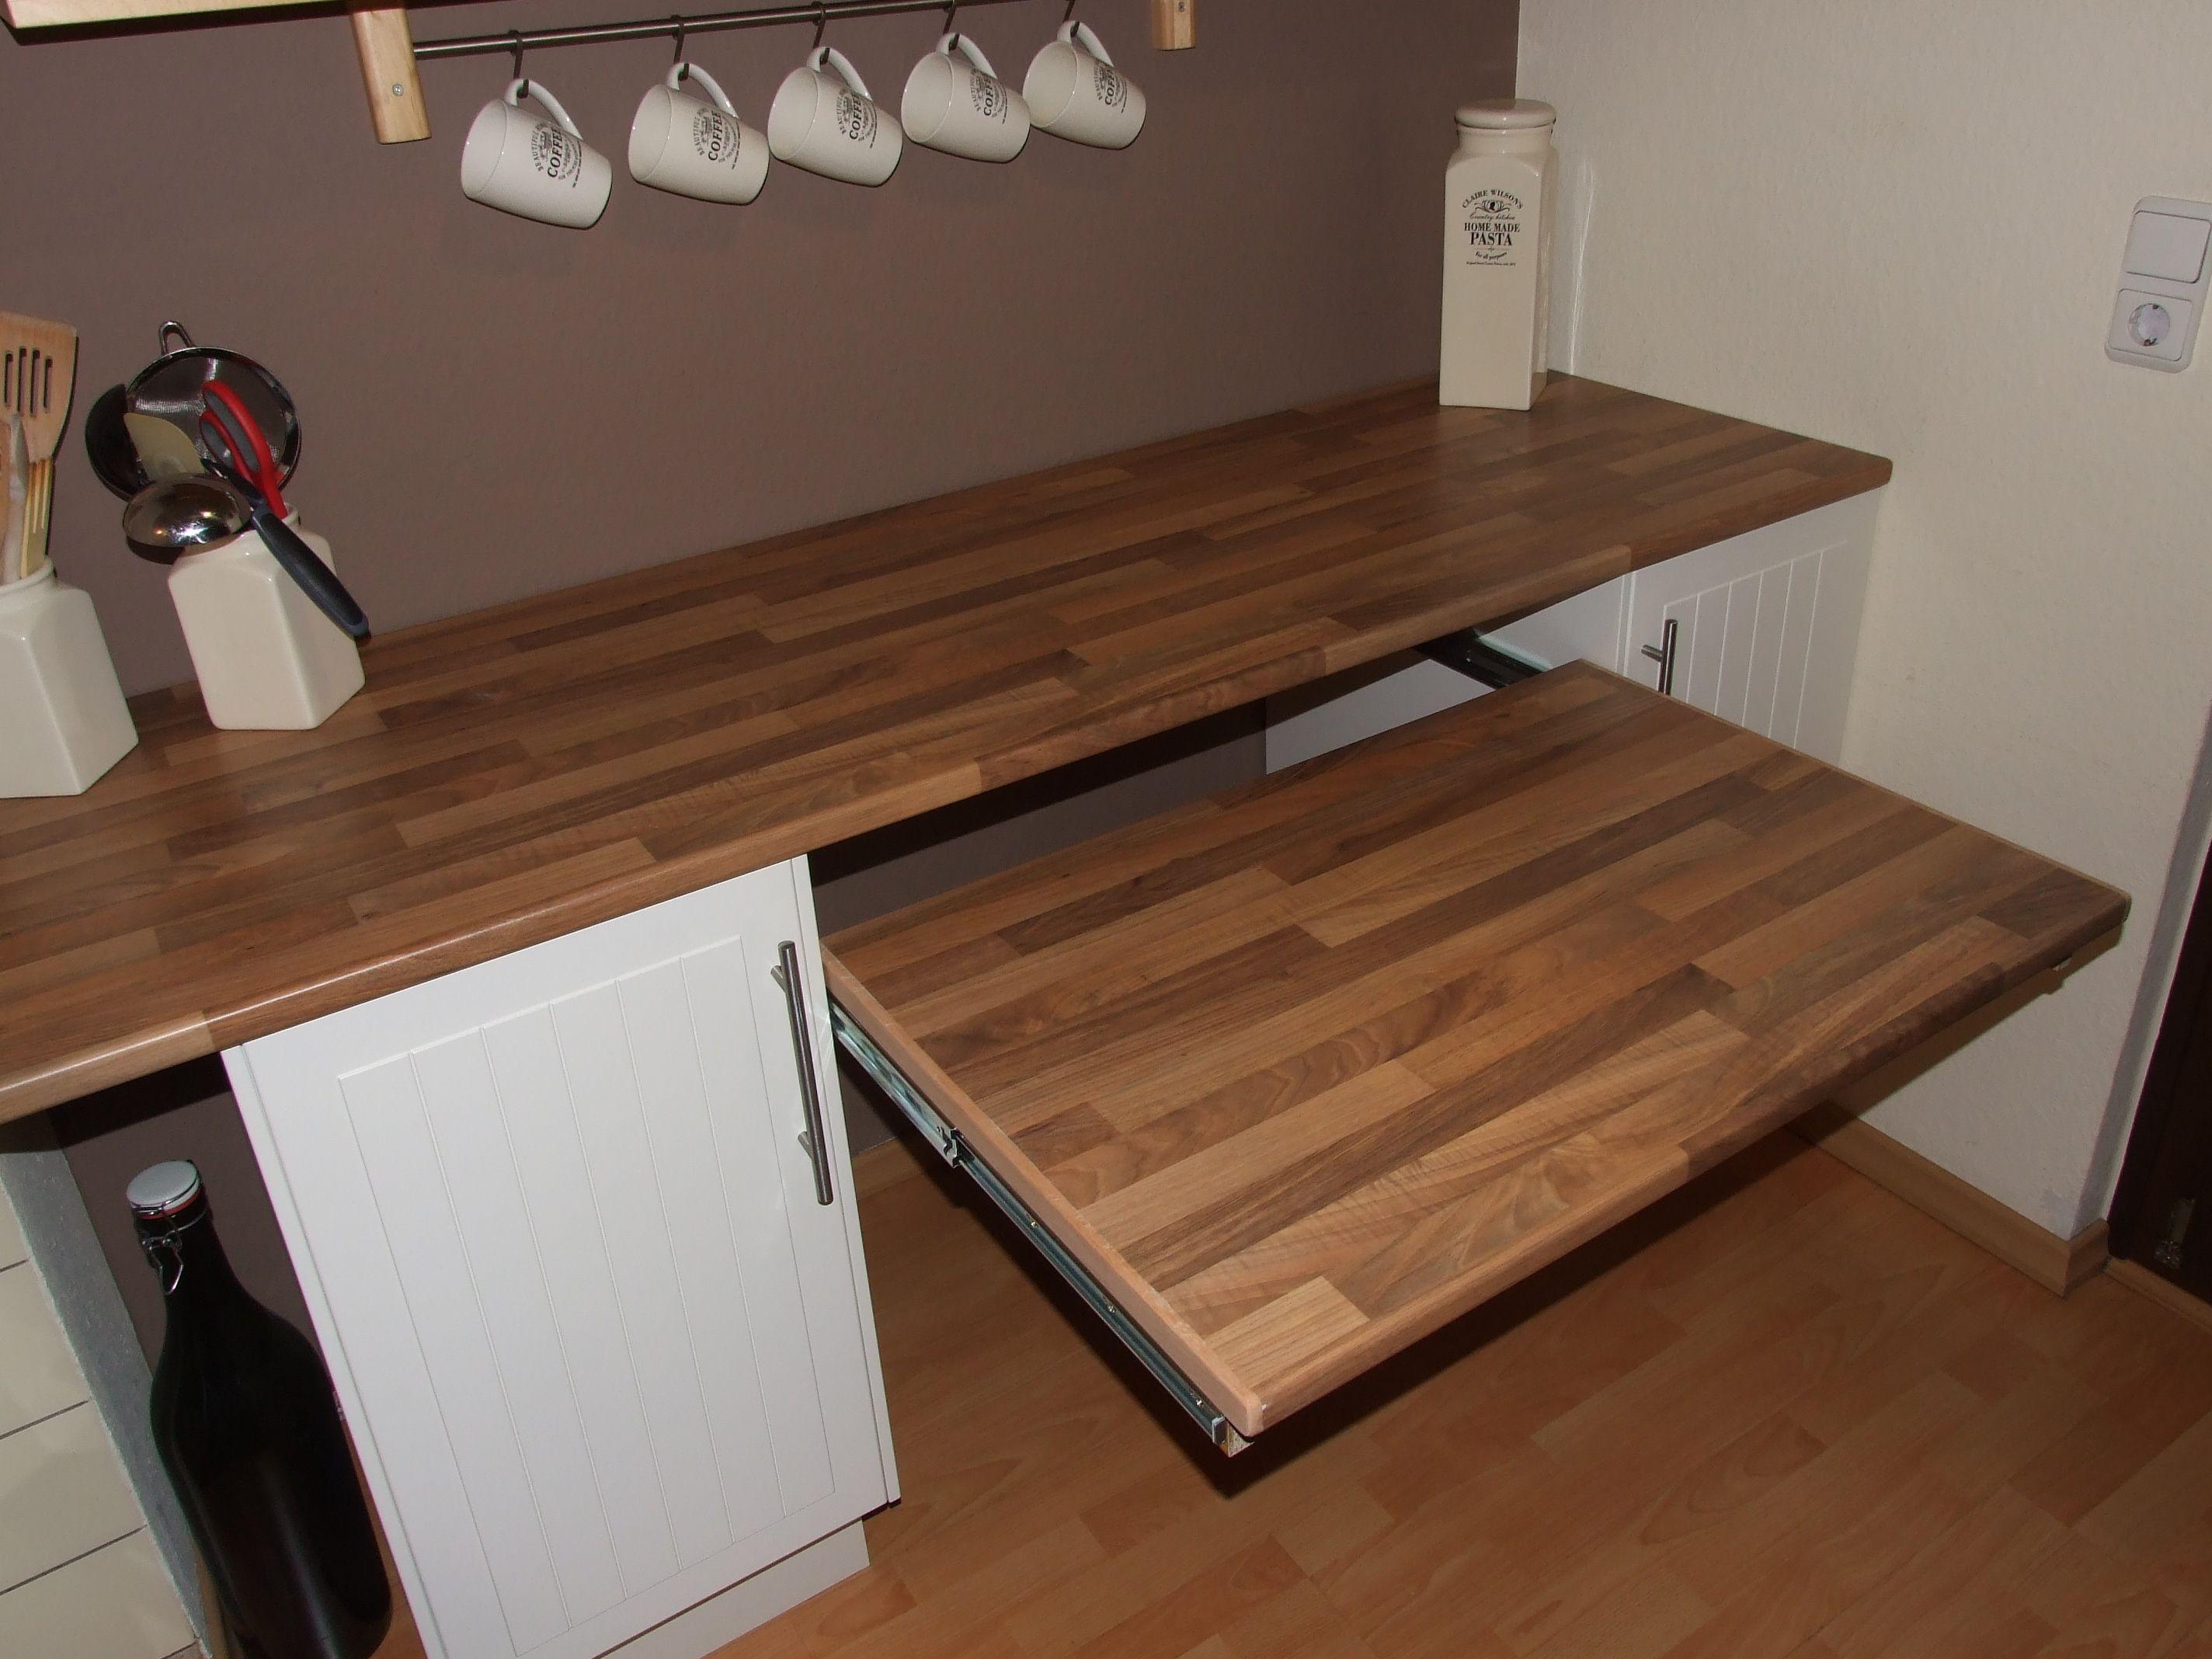 Ausziehbarer Tisch unter der Küchenarbeitsplatte Bauanleitung ...